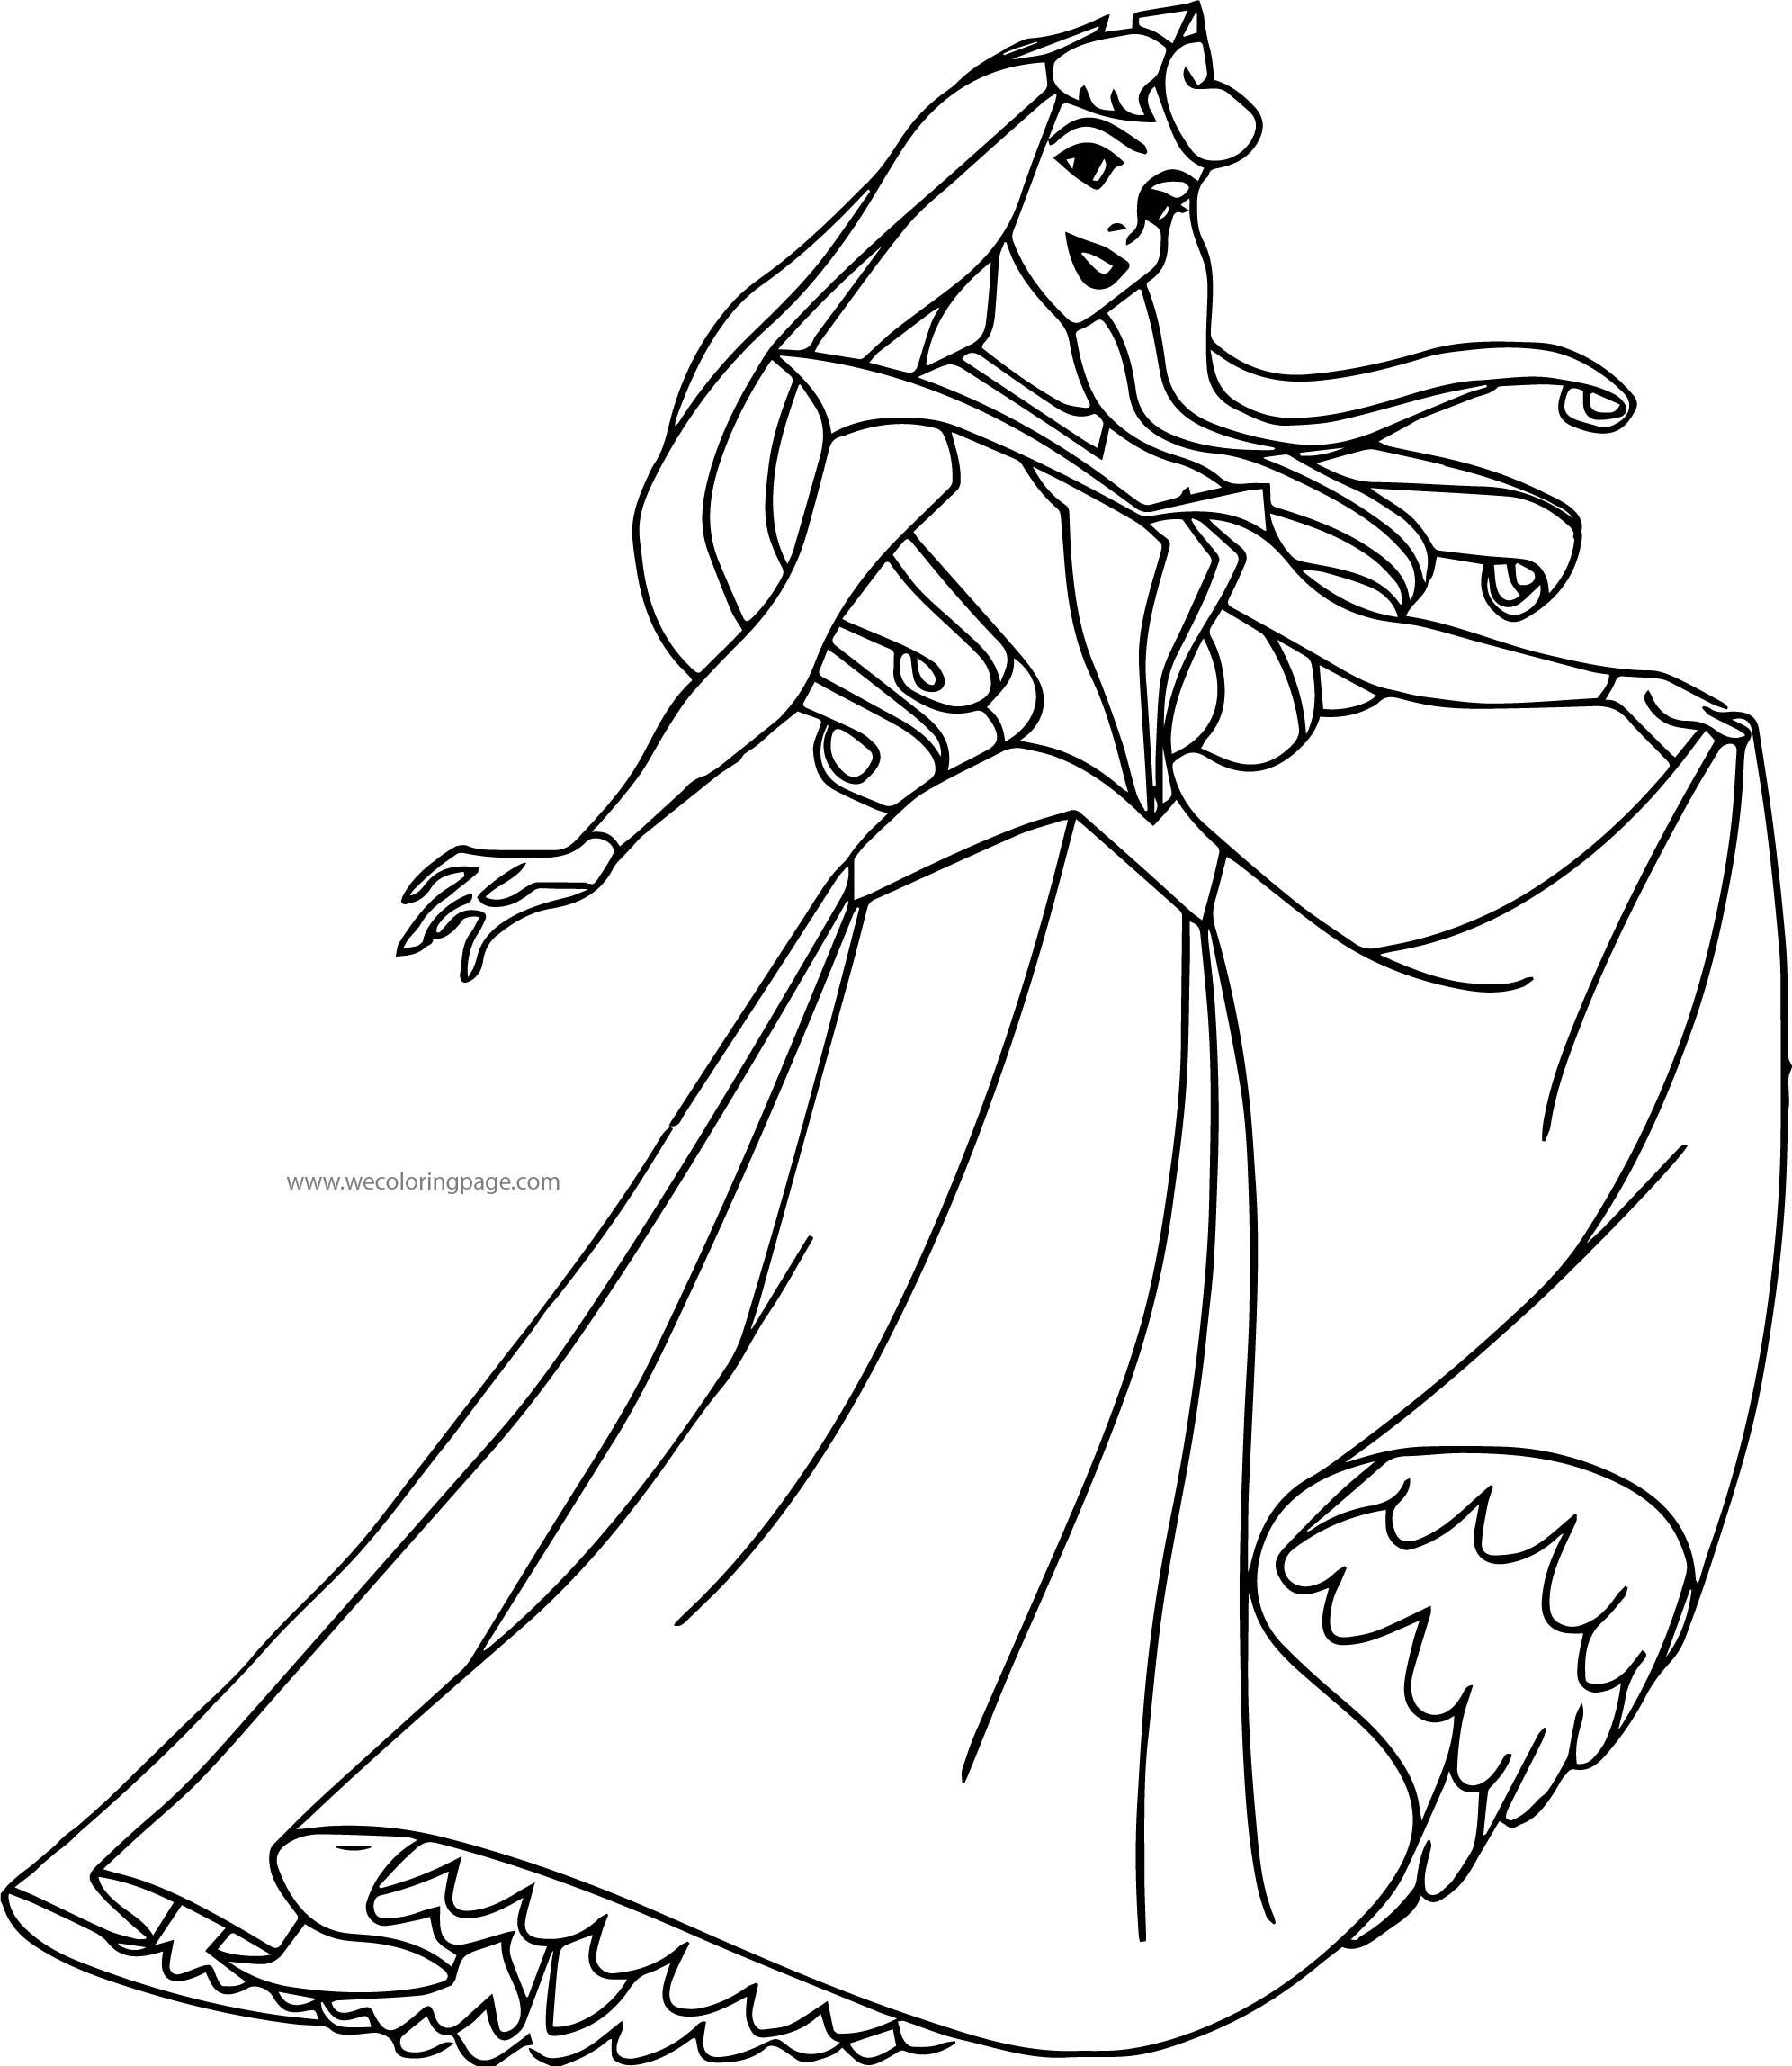 Disney Princess Sleeping Beauty At Disney Princess Aurora Coloring Pages